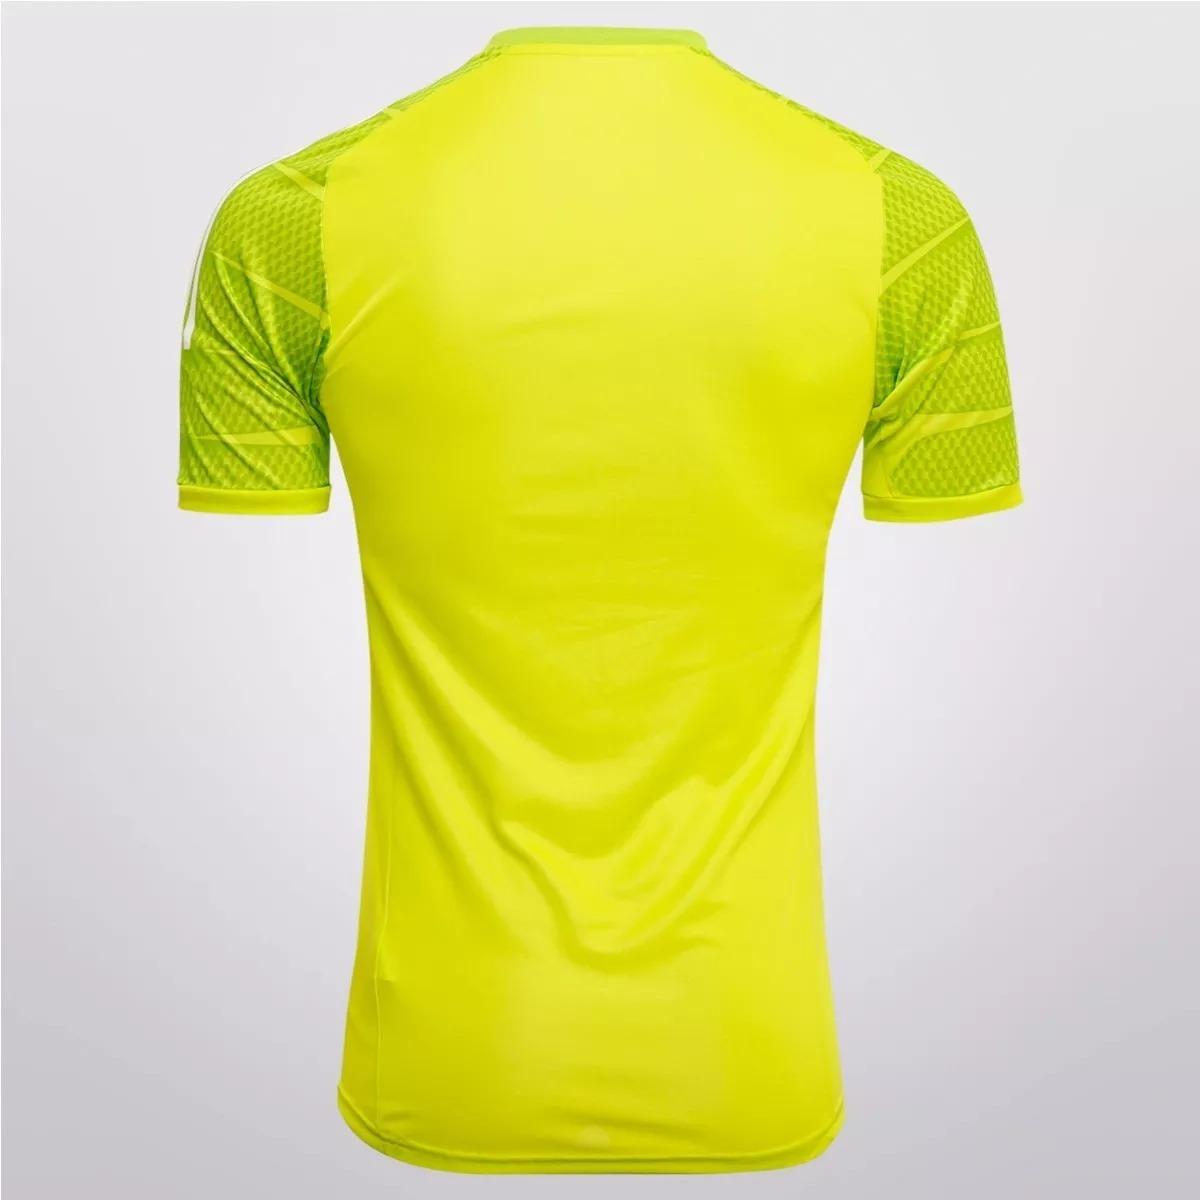 camisa adidas sport recife goleiro 2015 s nº. Carregando zoom... camisa  sport recife. Carregando zoom. 1af302c3cbb44